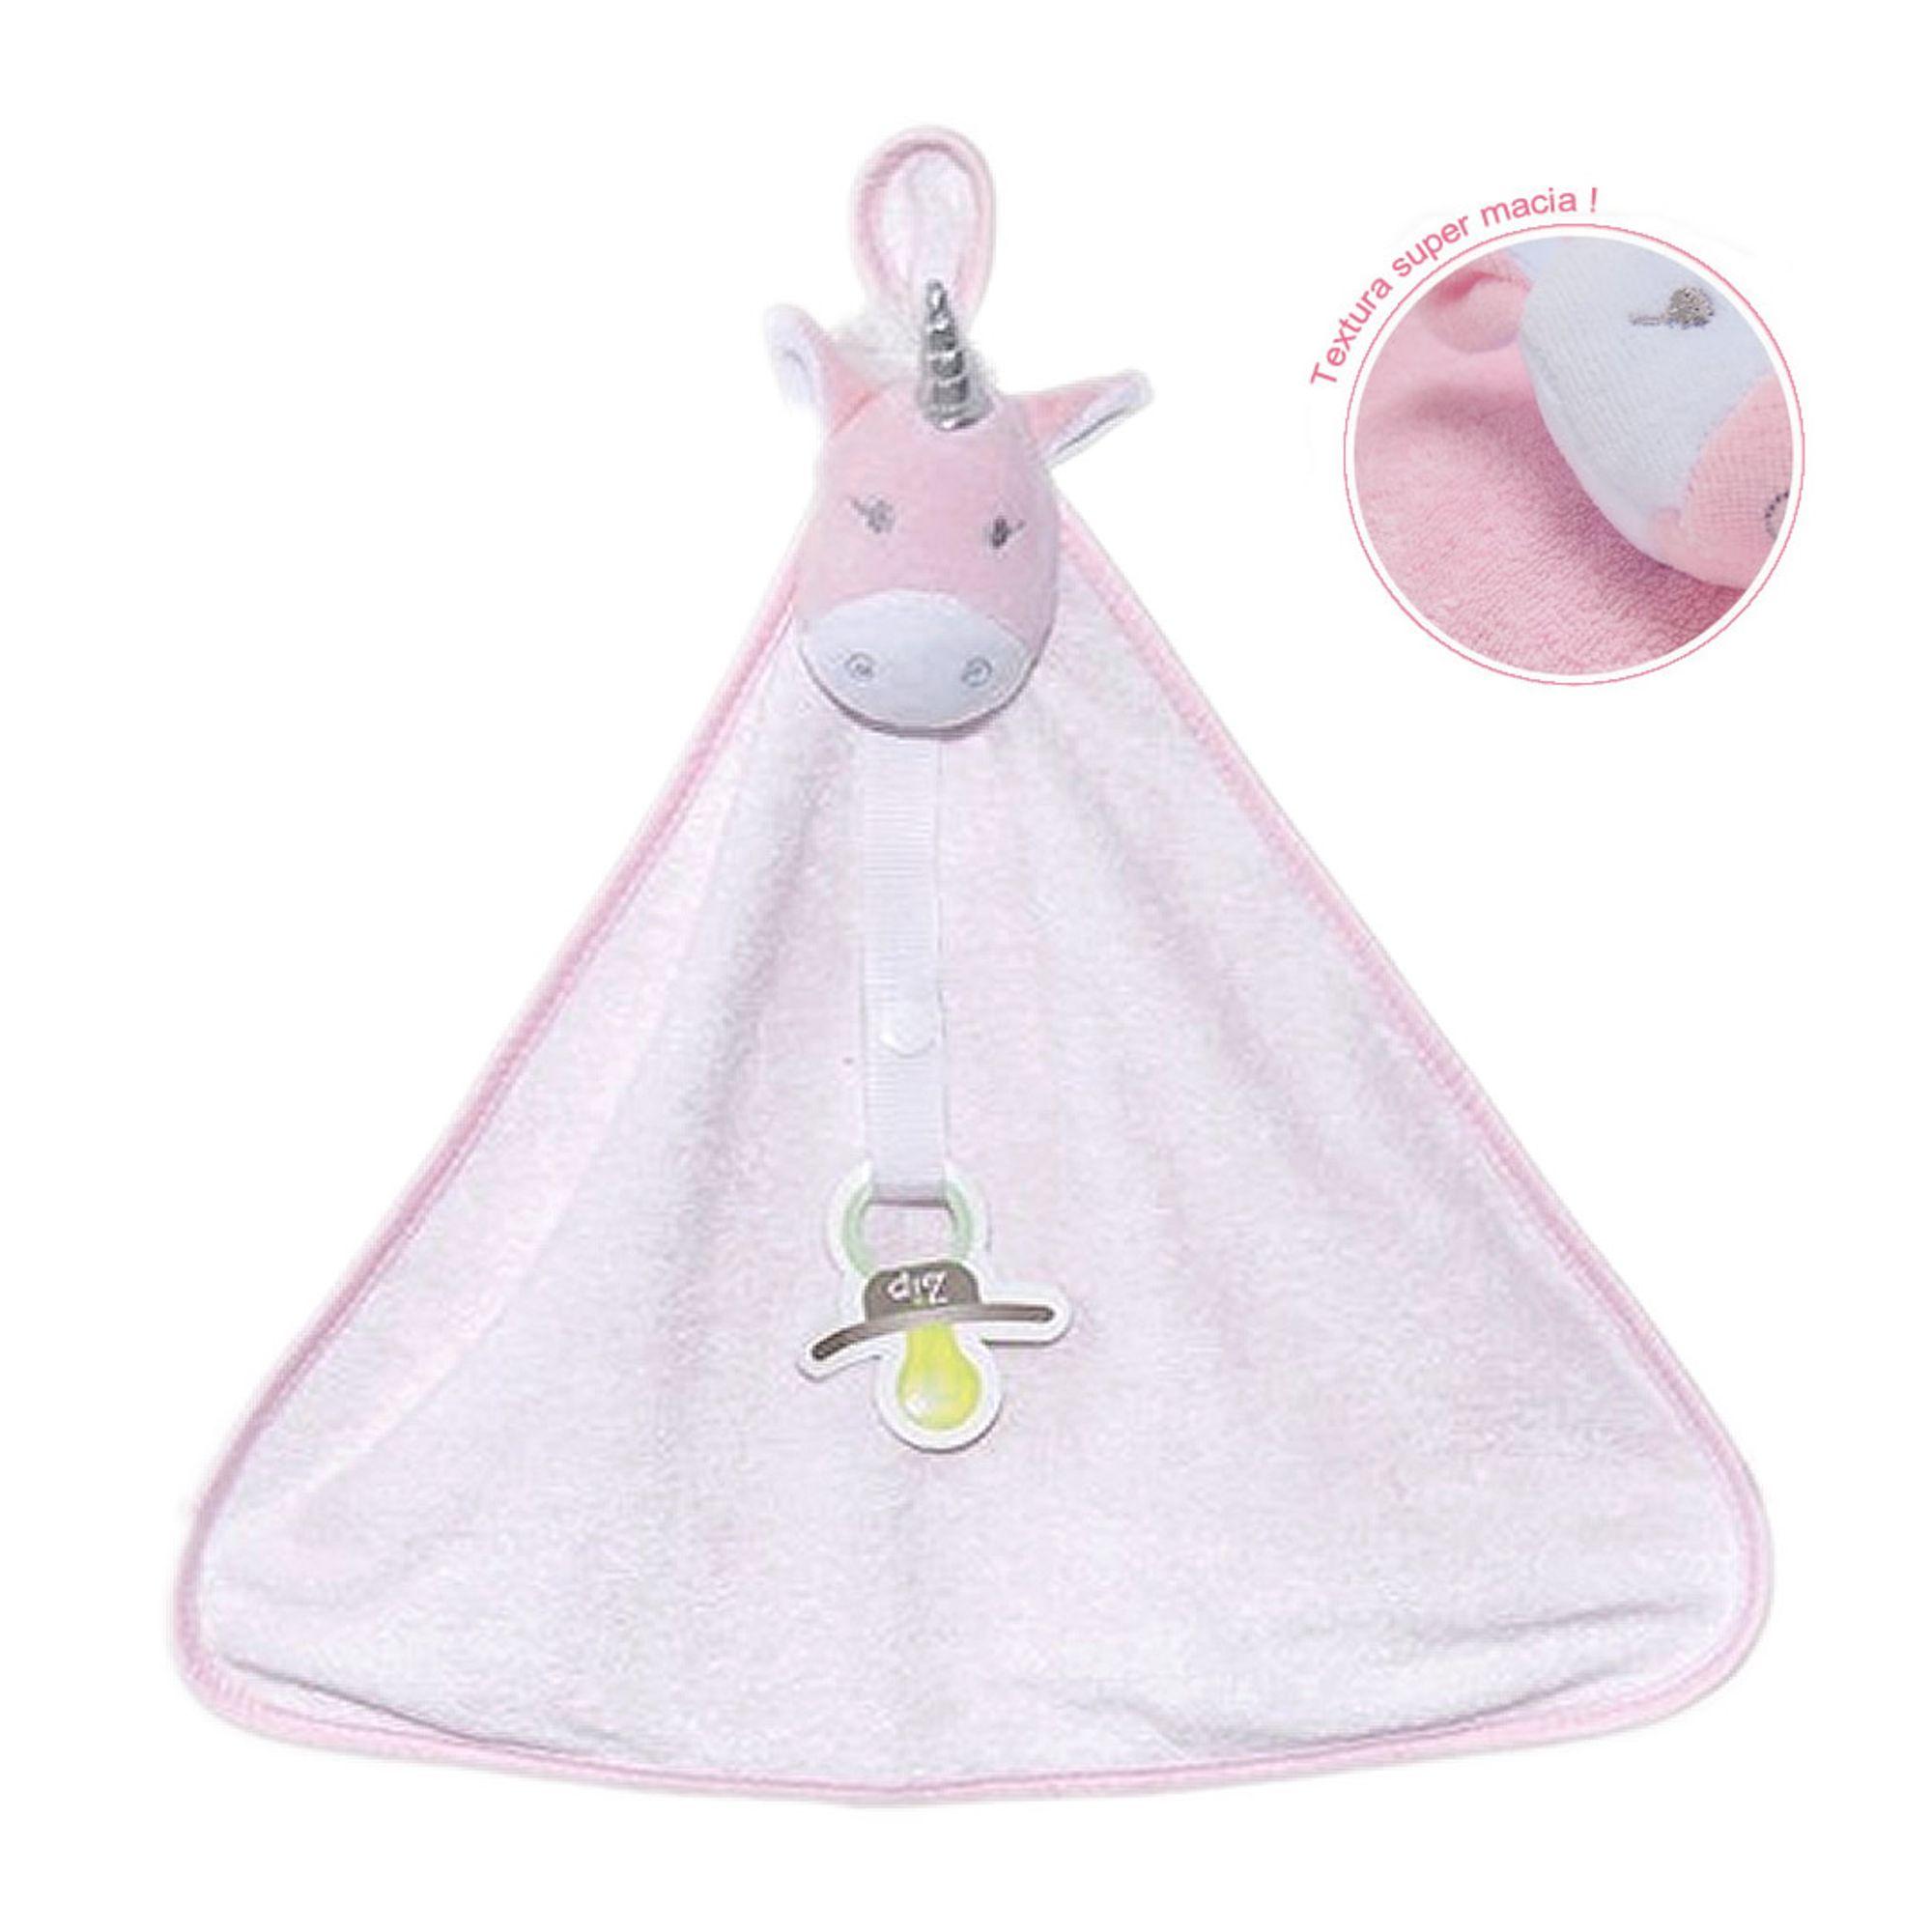 blanket-naninha-atolhada-unicornio-branco-e-rosa-ziptoys